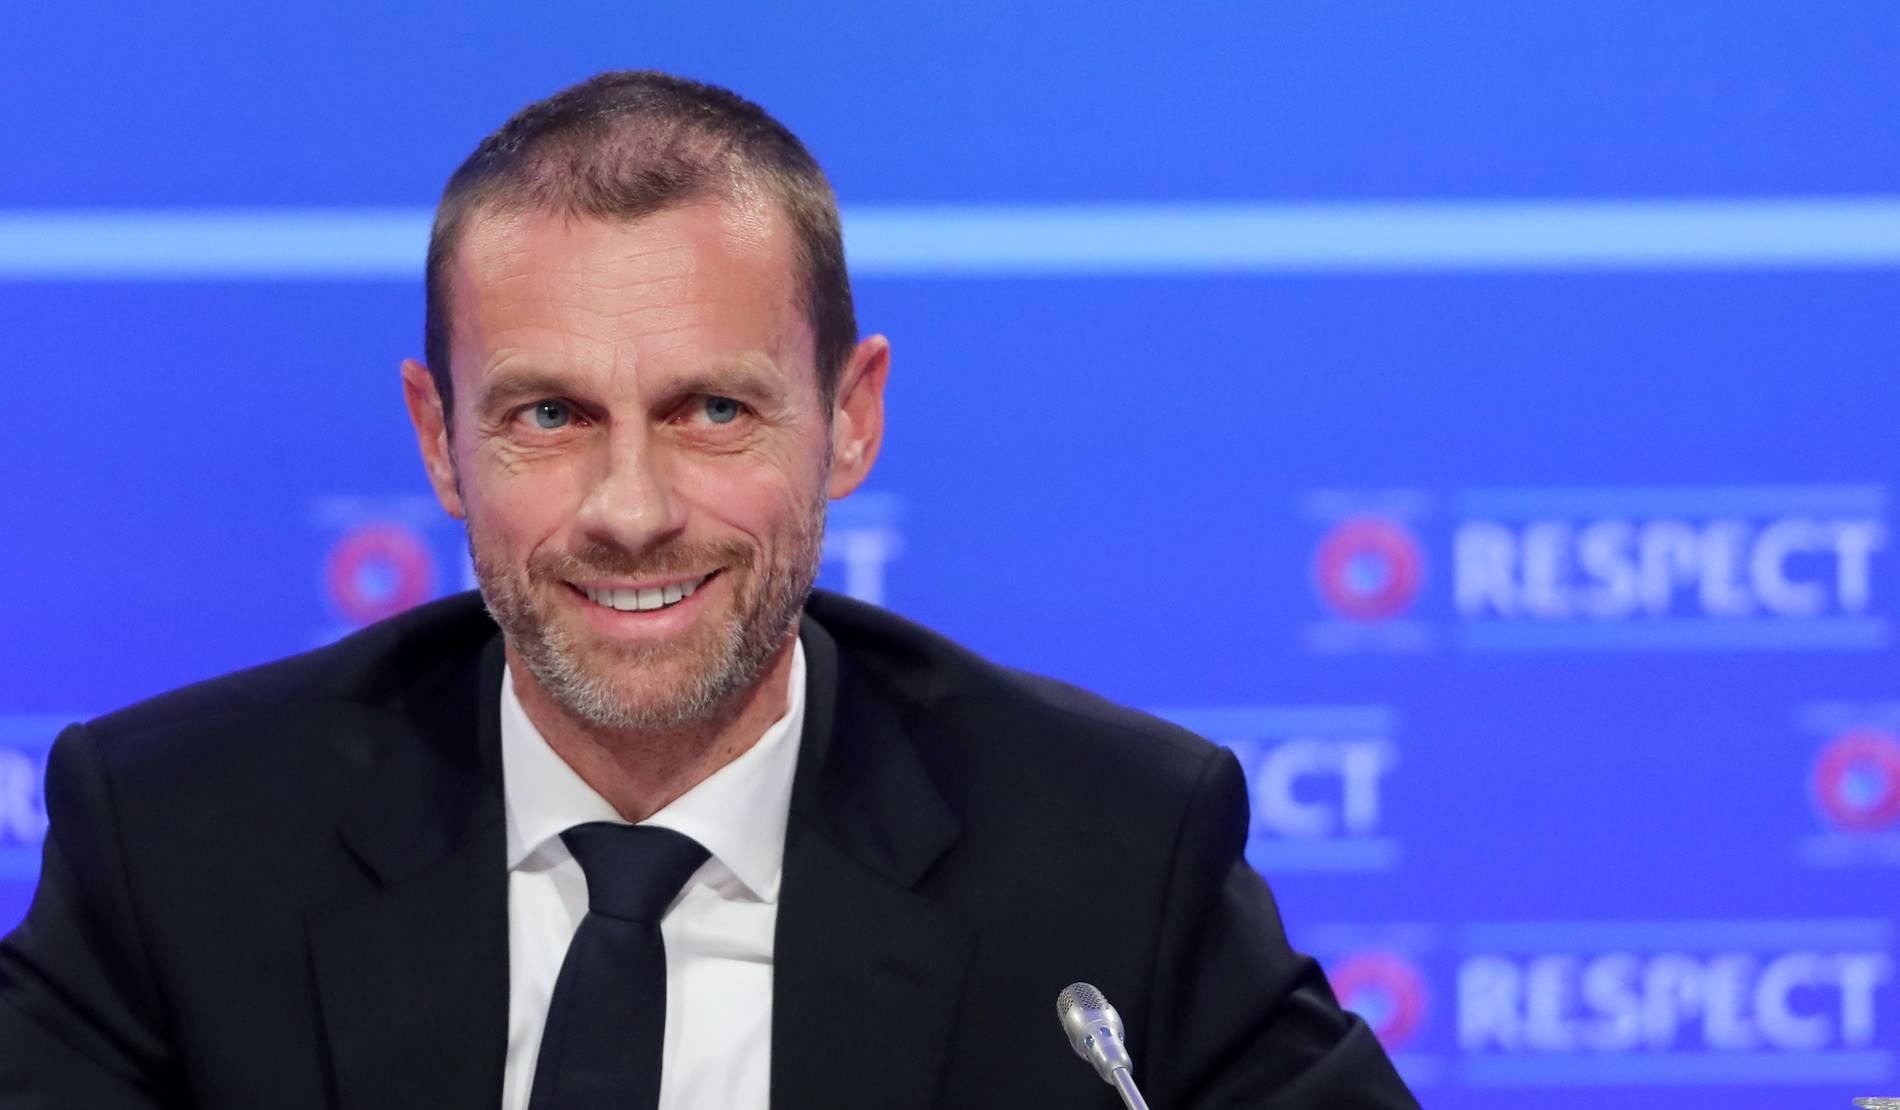 Europapokal 2021